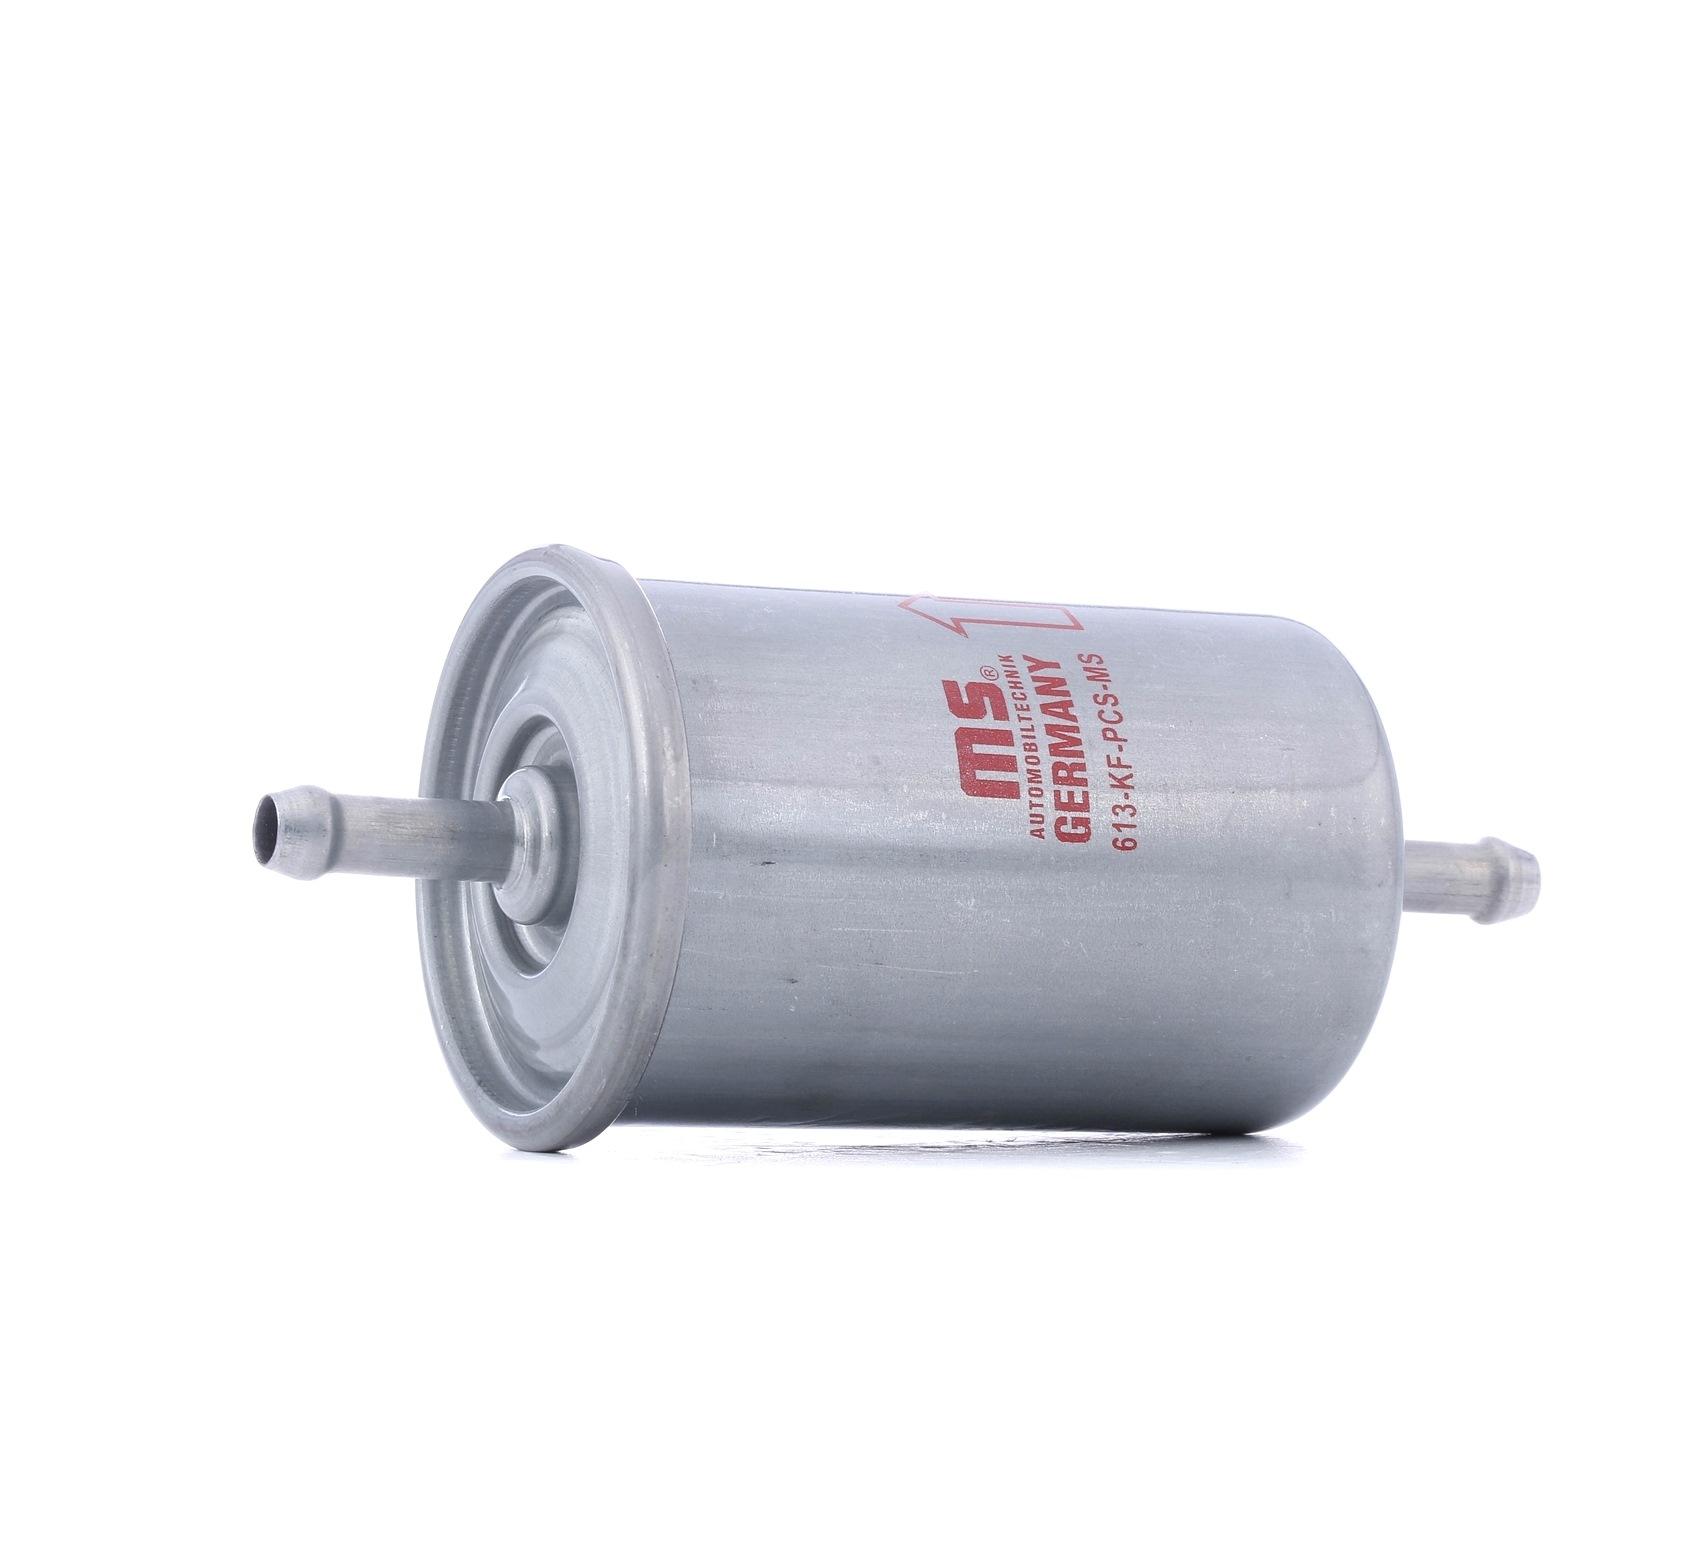 ISUZU Filtre à carburant d'Origine 613-KF-PCS-MS